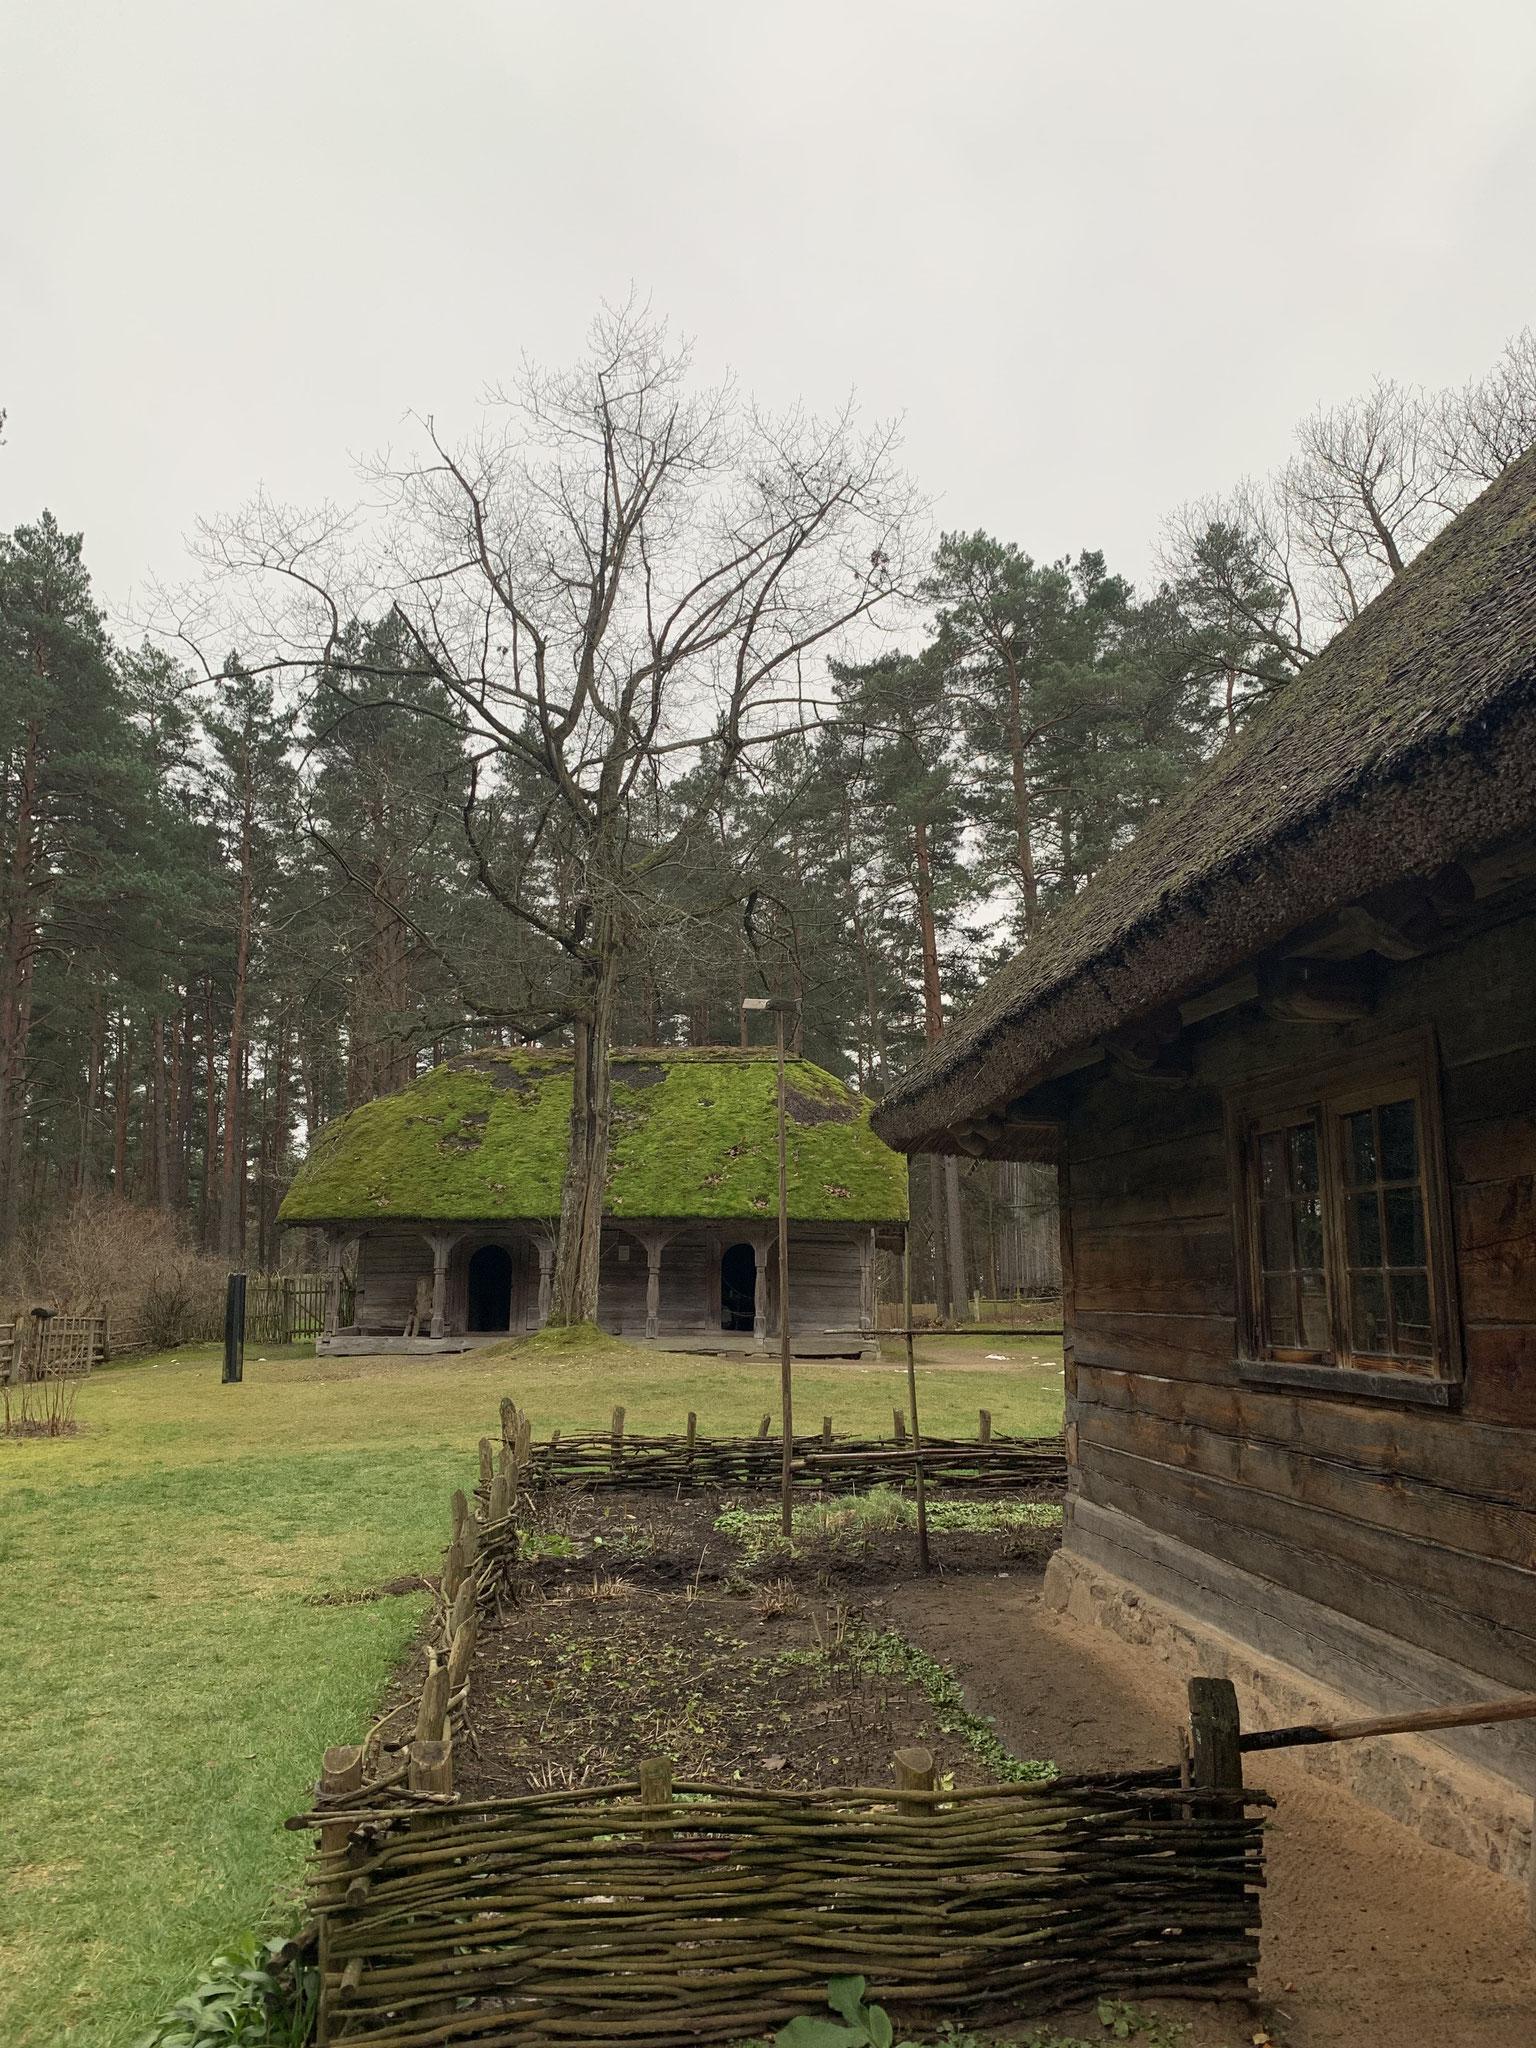 Häuser aus dem lettischen ethnografischen Museum